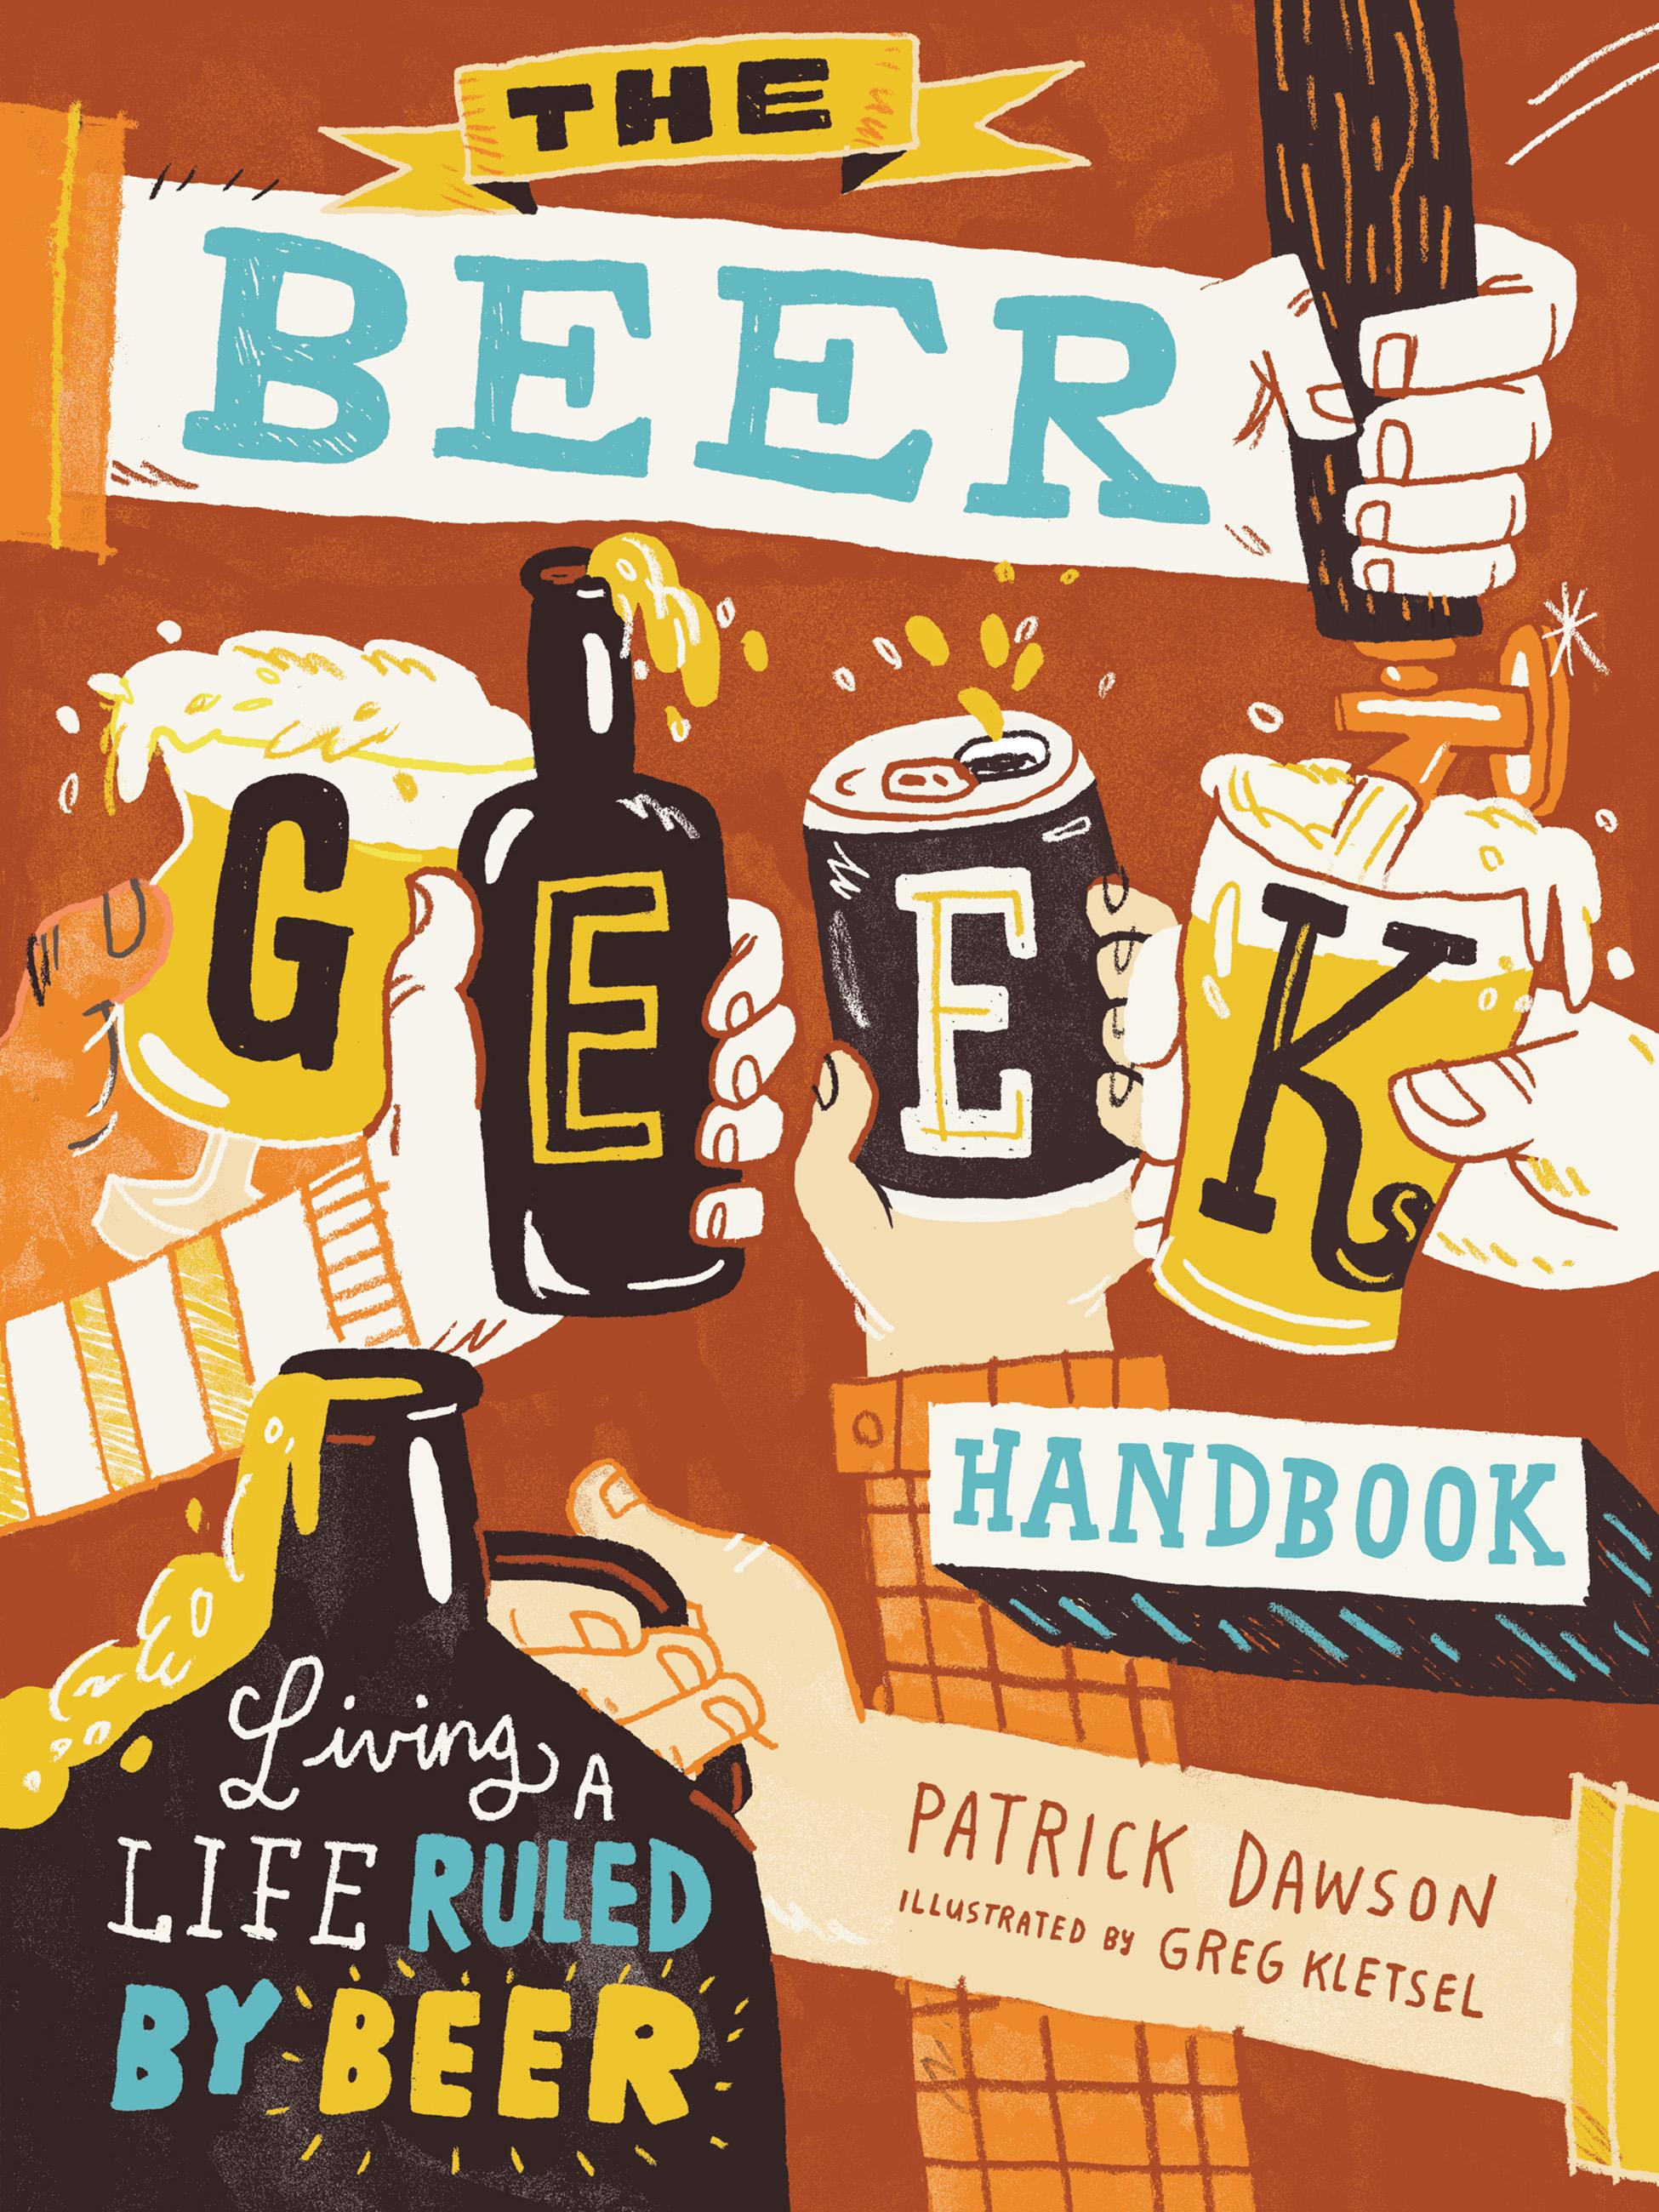 The Beer Geek Handbook Living a Life Ruled by Beer